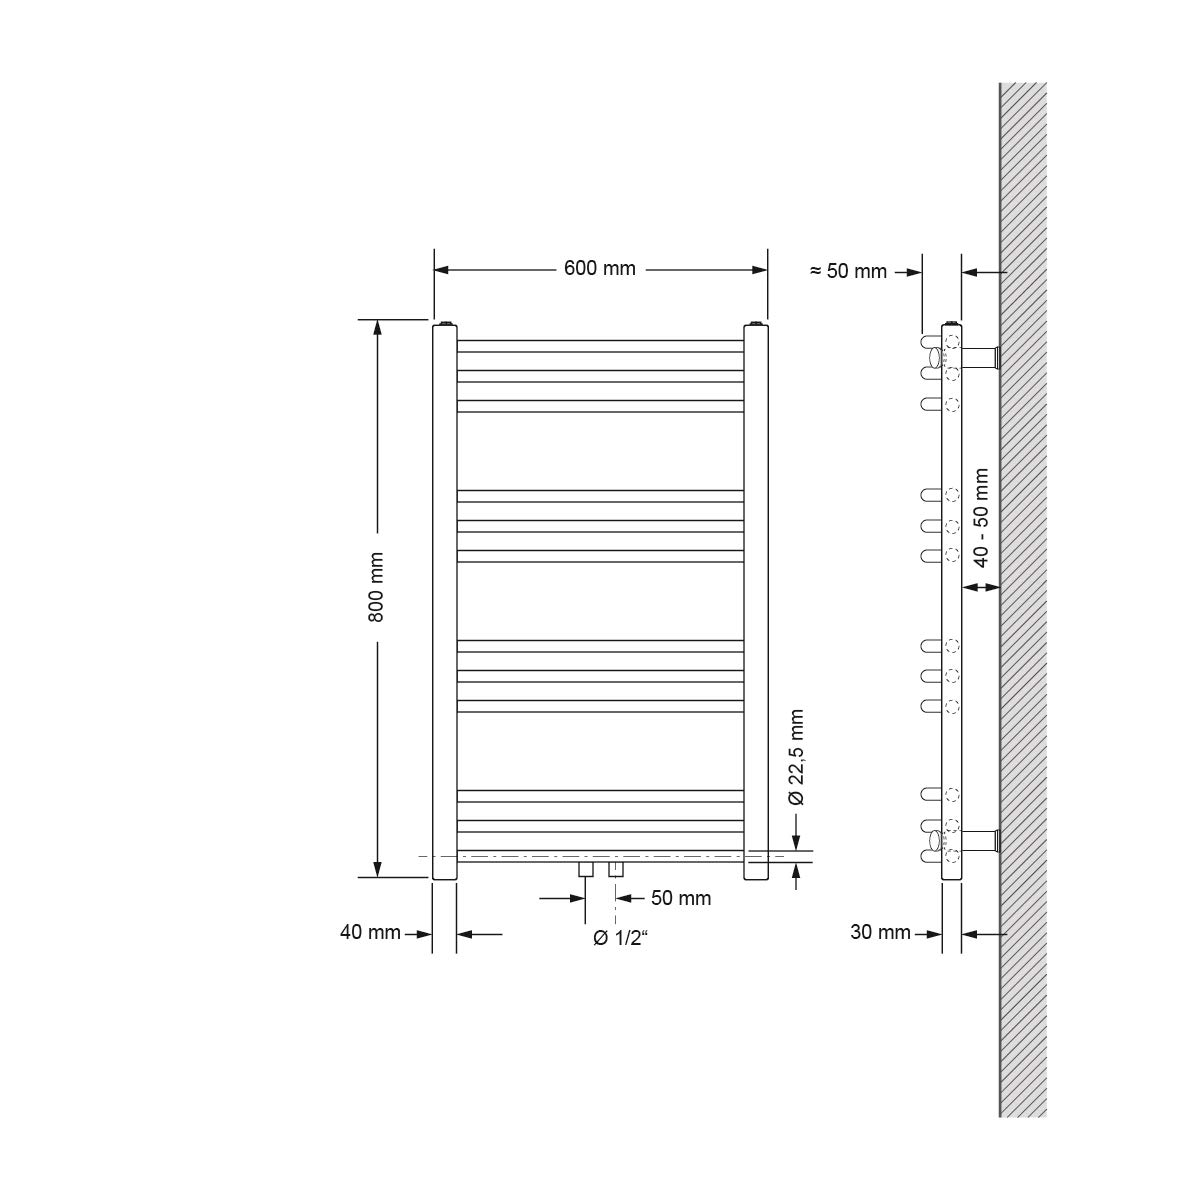 Heizk�rper Handtuchw�rmer Handtuchtrockner 750 x 1800 mm ECD Germany Badheizk�rper Sahara gebogen mit Mittelanschluss Anthrazit